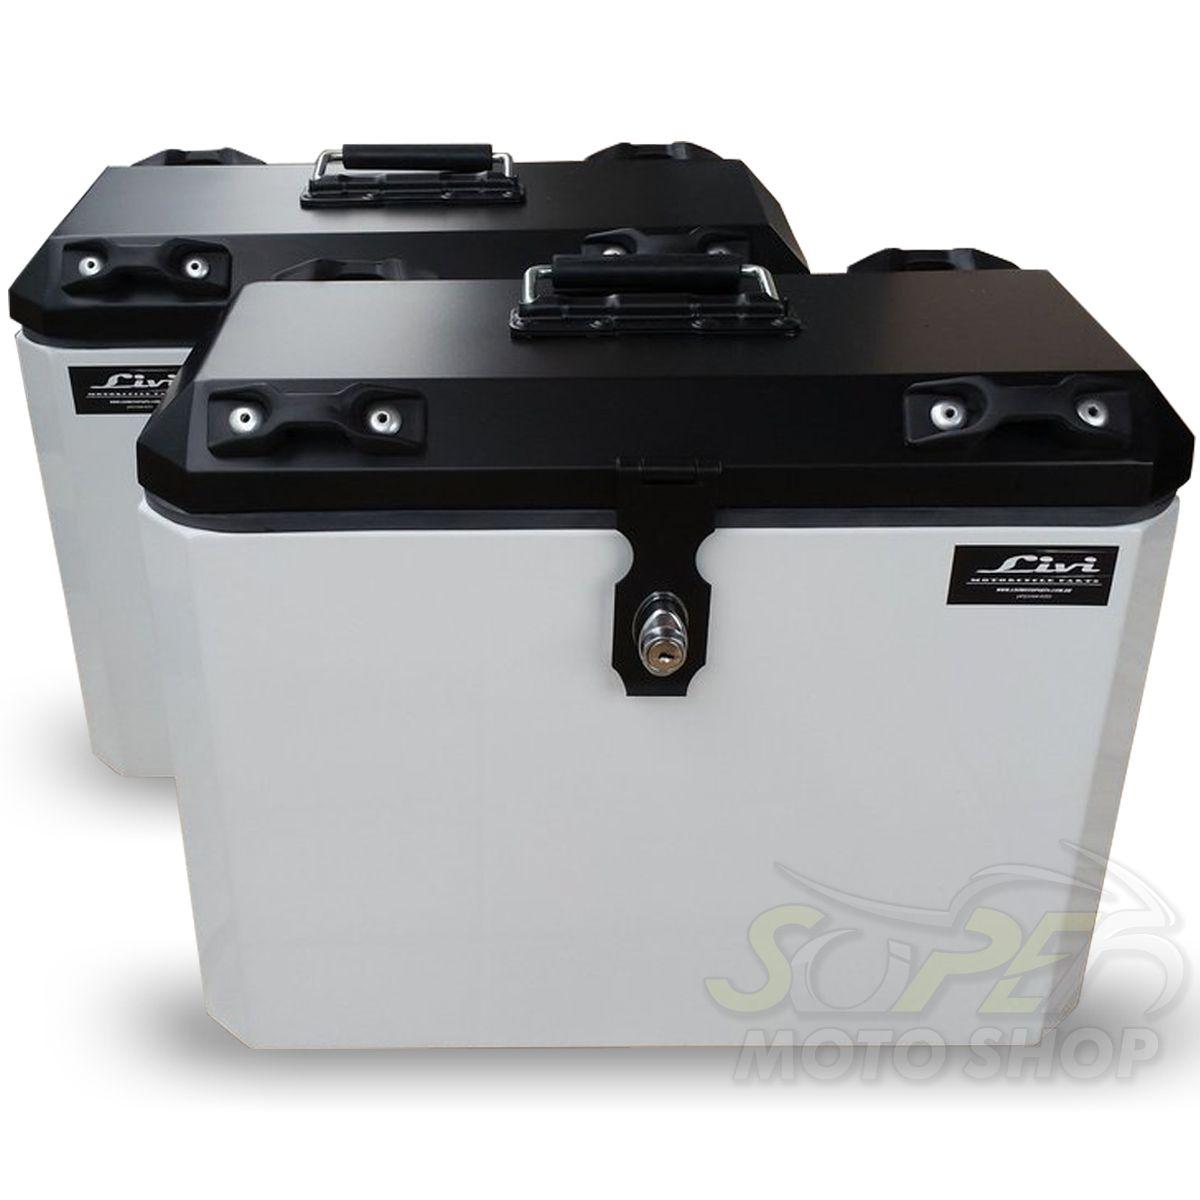 Bauletos / Baús Laterais / Side Case Modelo Livi 35 Litros PAR + Suporte Lateral - Tenere 250 até 2014 - Yamaha